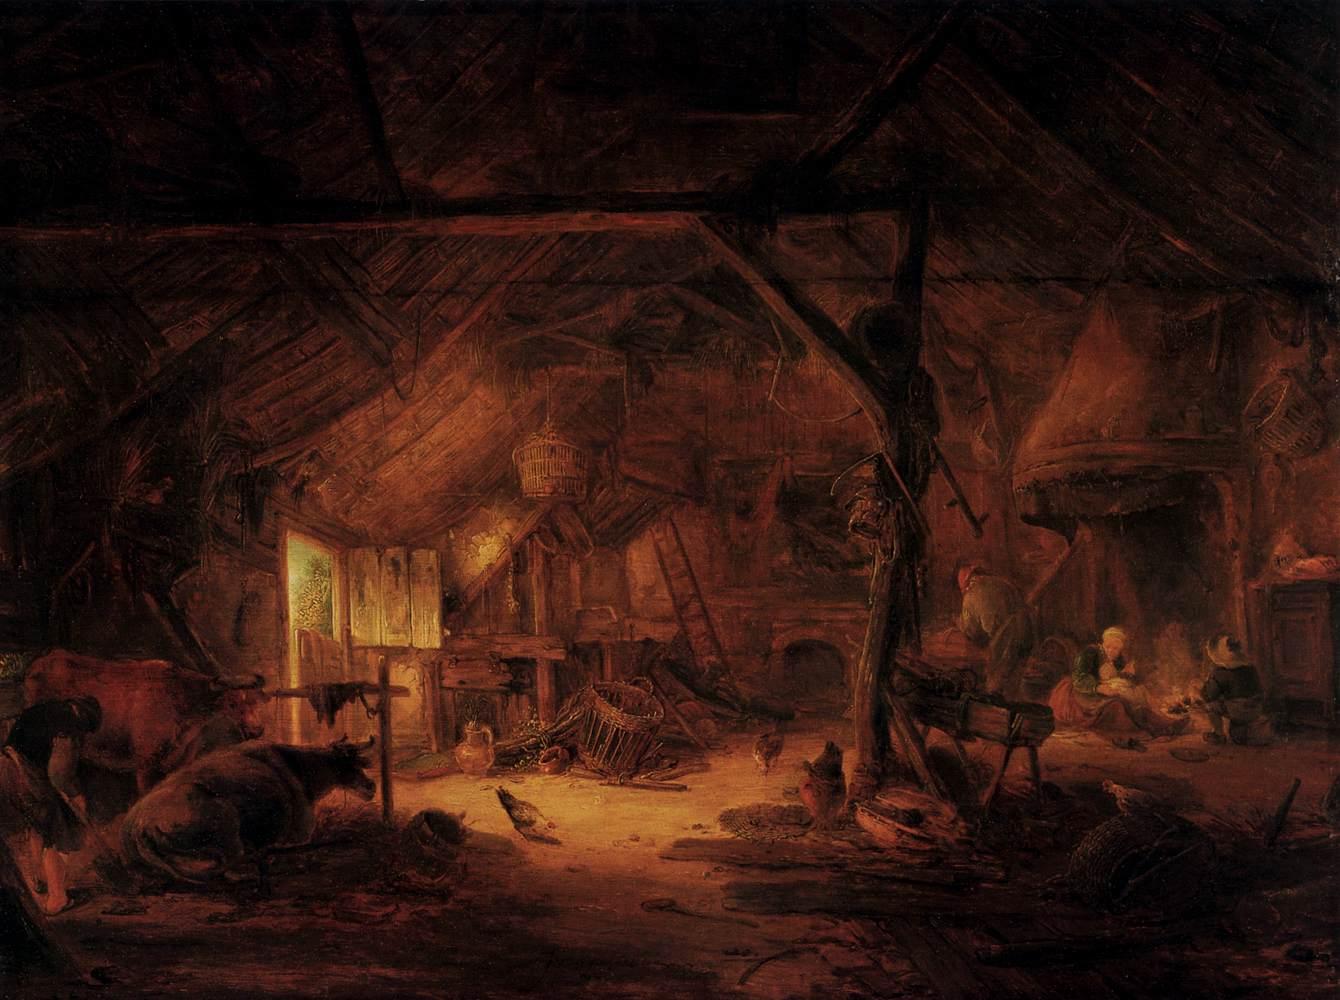 The Barn Family Restaurant Nj